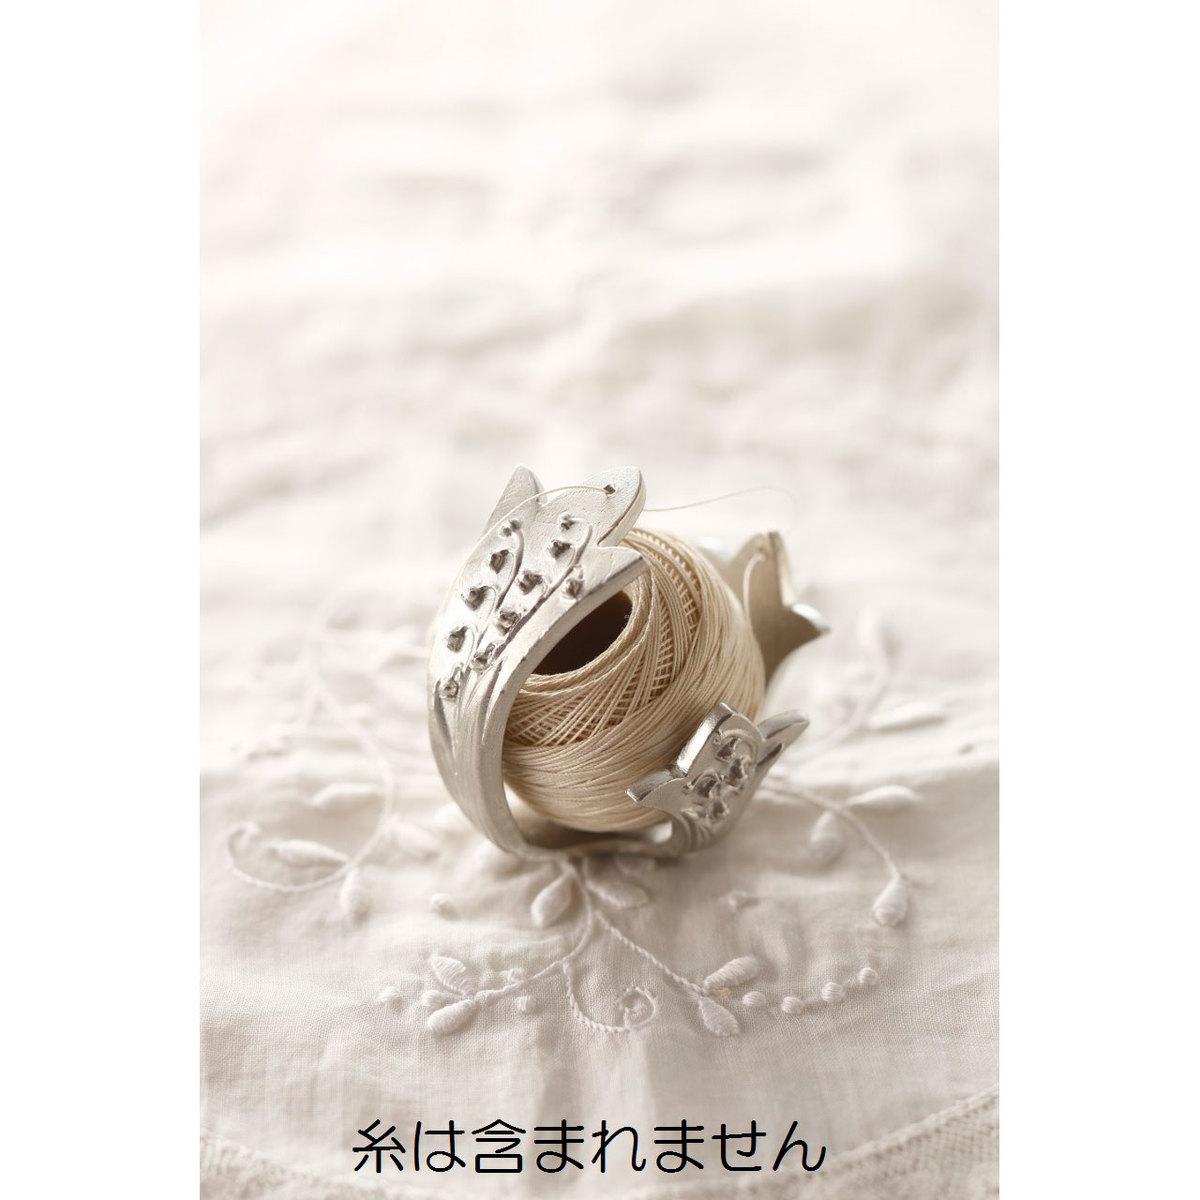 人気雑貨アーティスト溝江里映さんと伝統工芸の魅力を伝え続ける能作さん メイルオーダー クロバーとのコラボレーションによって生まれた糸ホルダー クロバー 79-600 ポルトボヌール お求めやすく価格改定 すずらん糸ホルダー